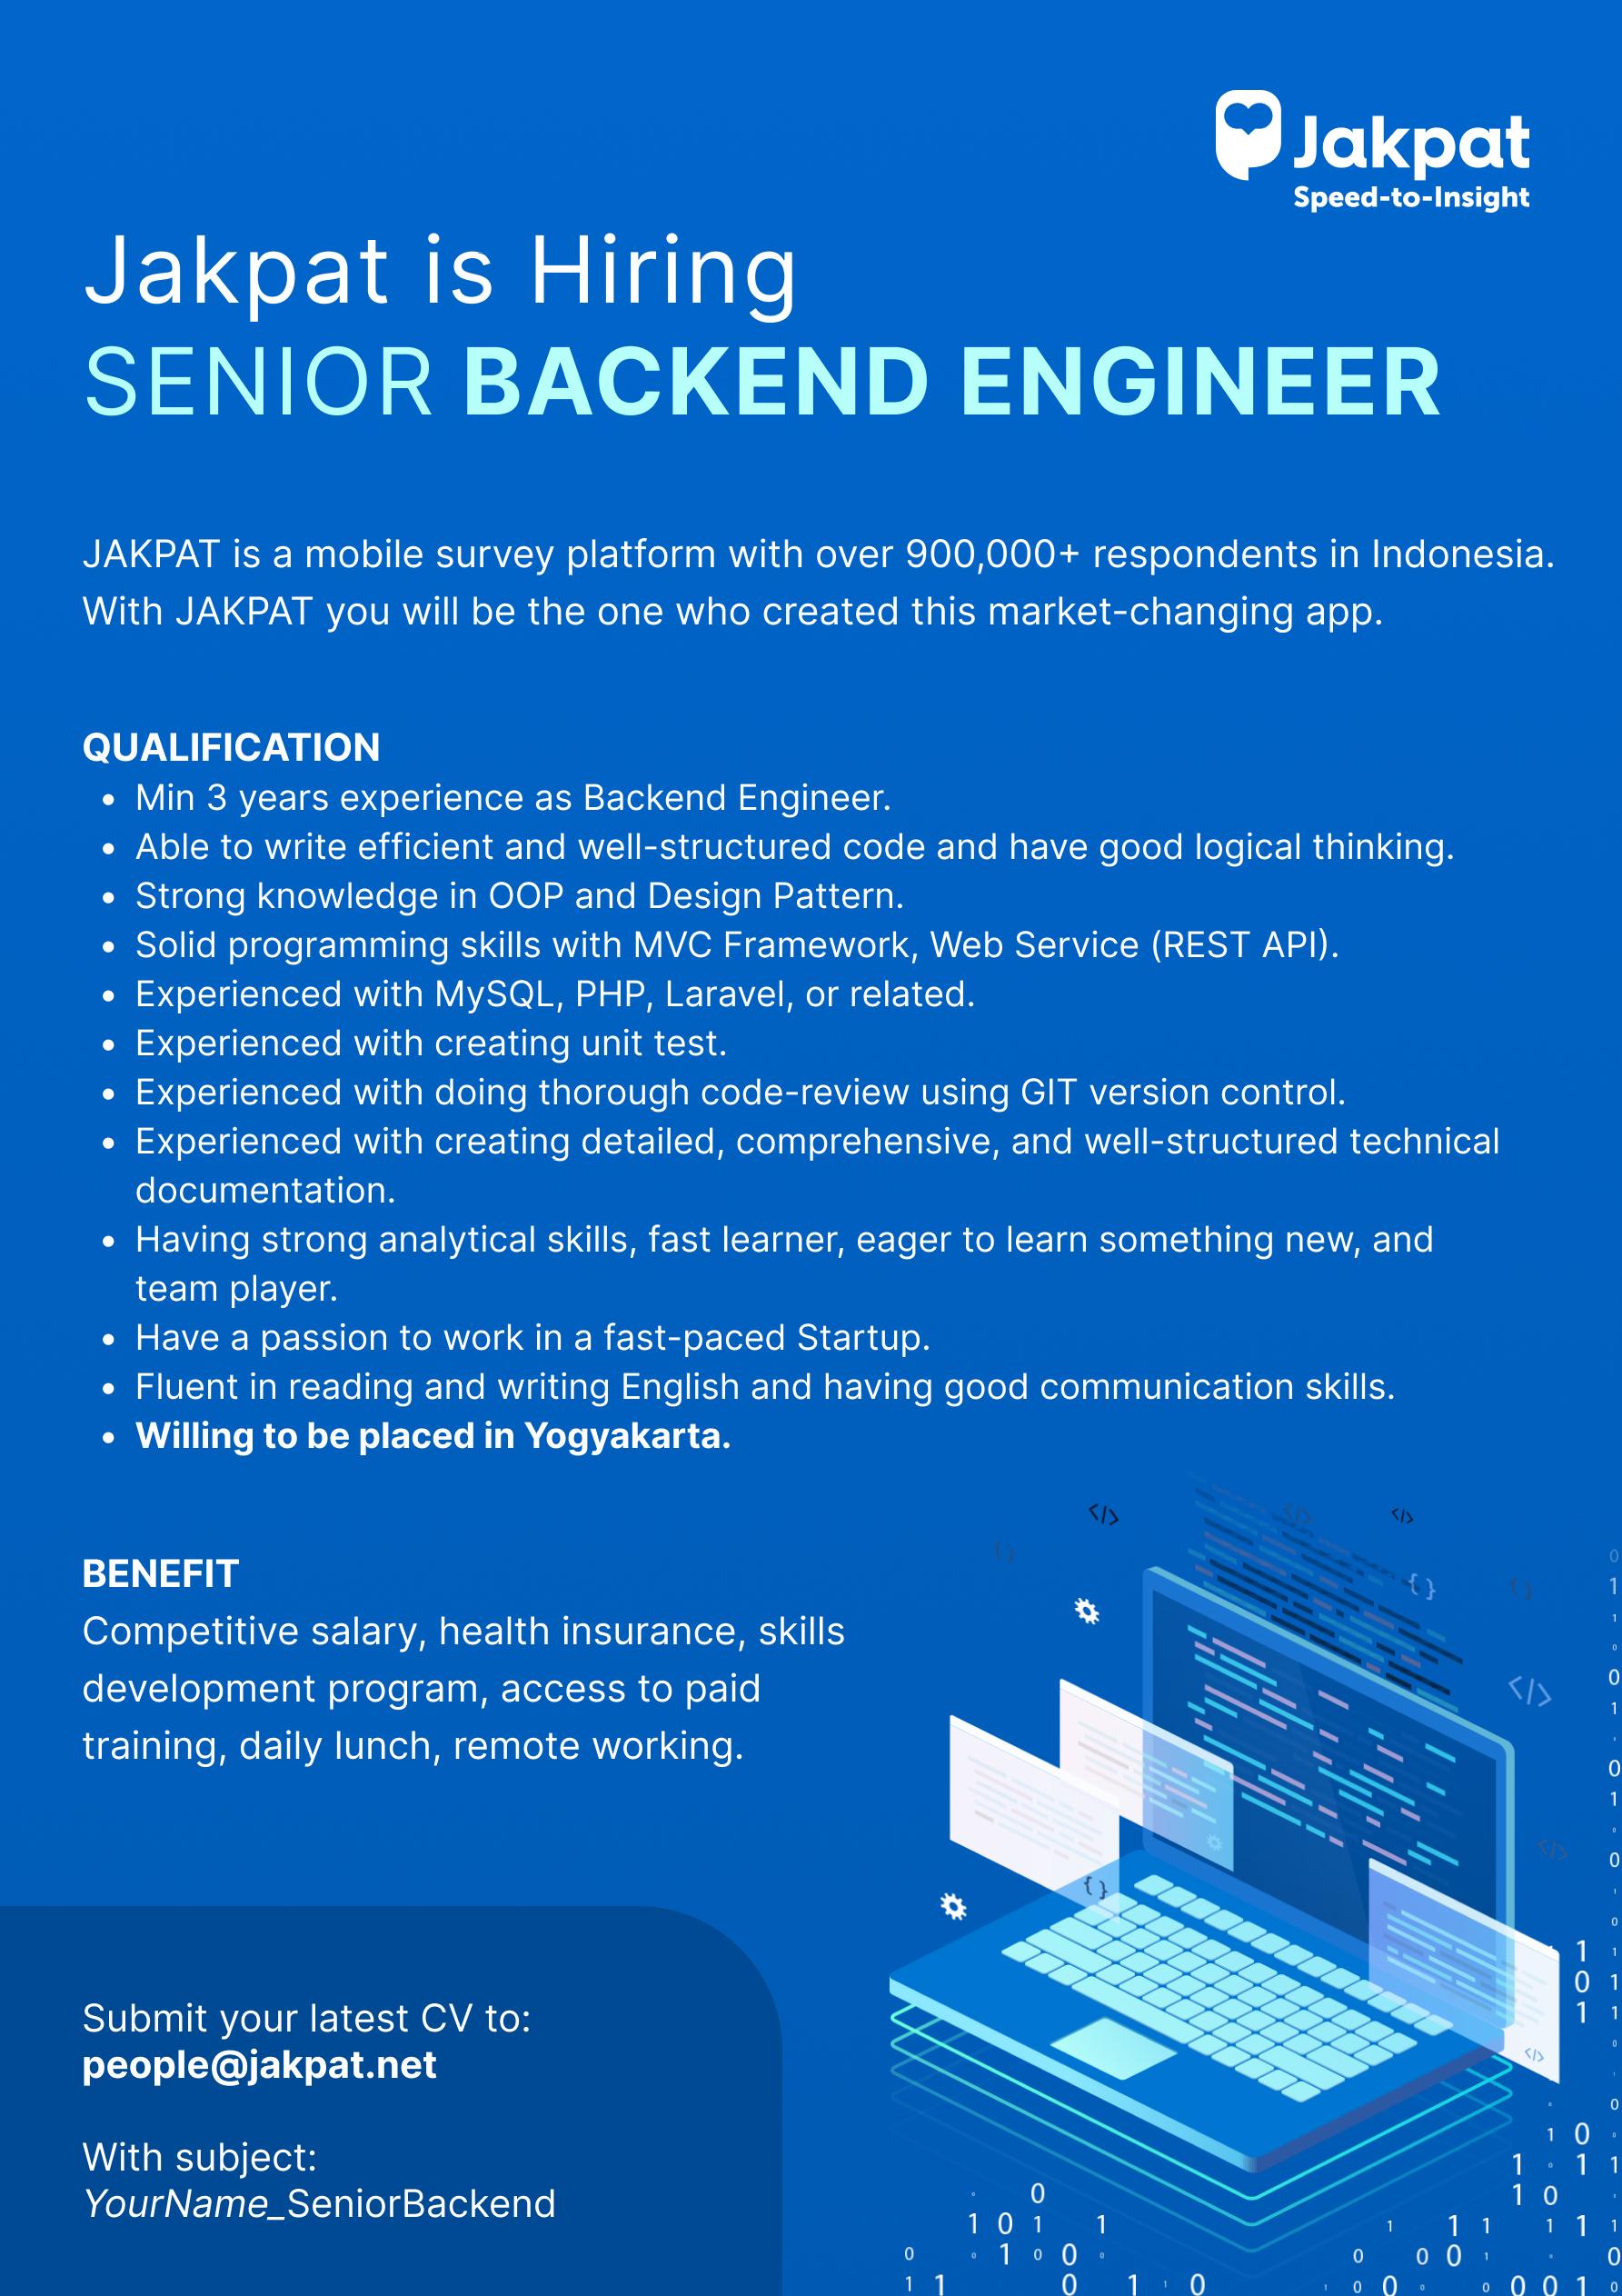 jakpat-is-hiring-senior-backend-engineer